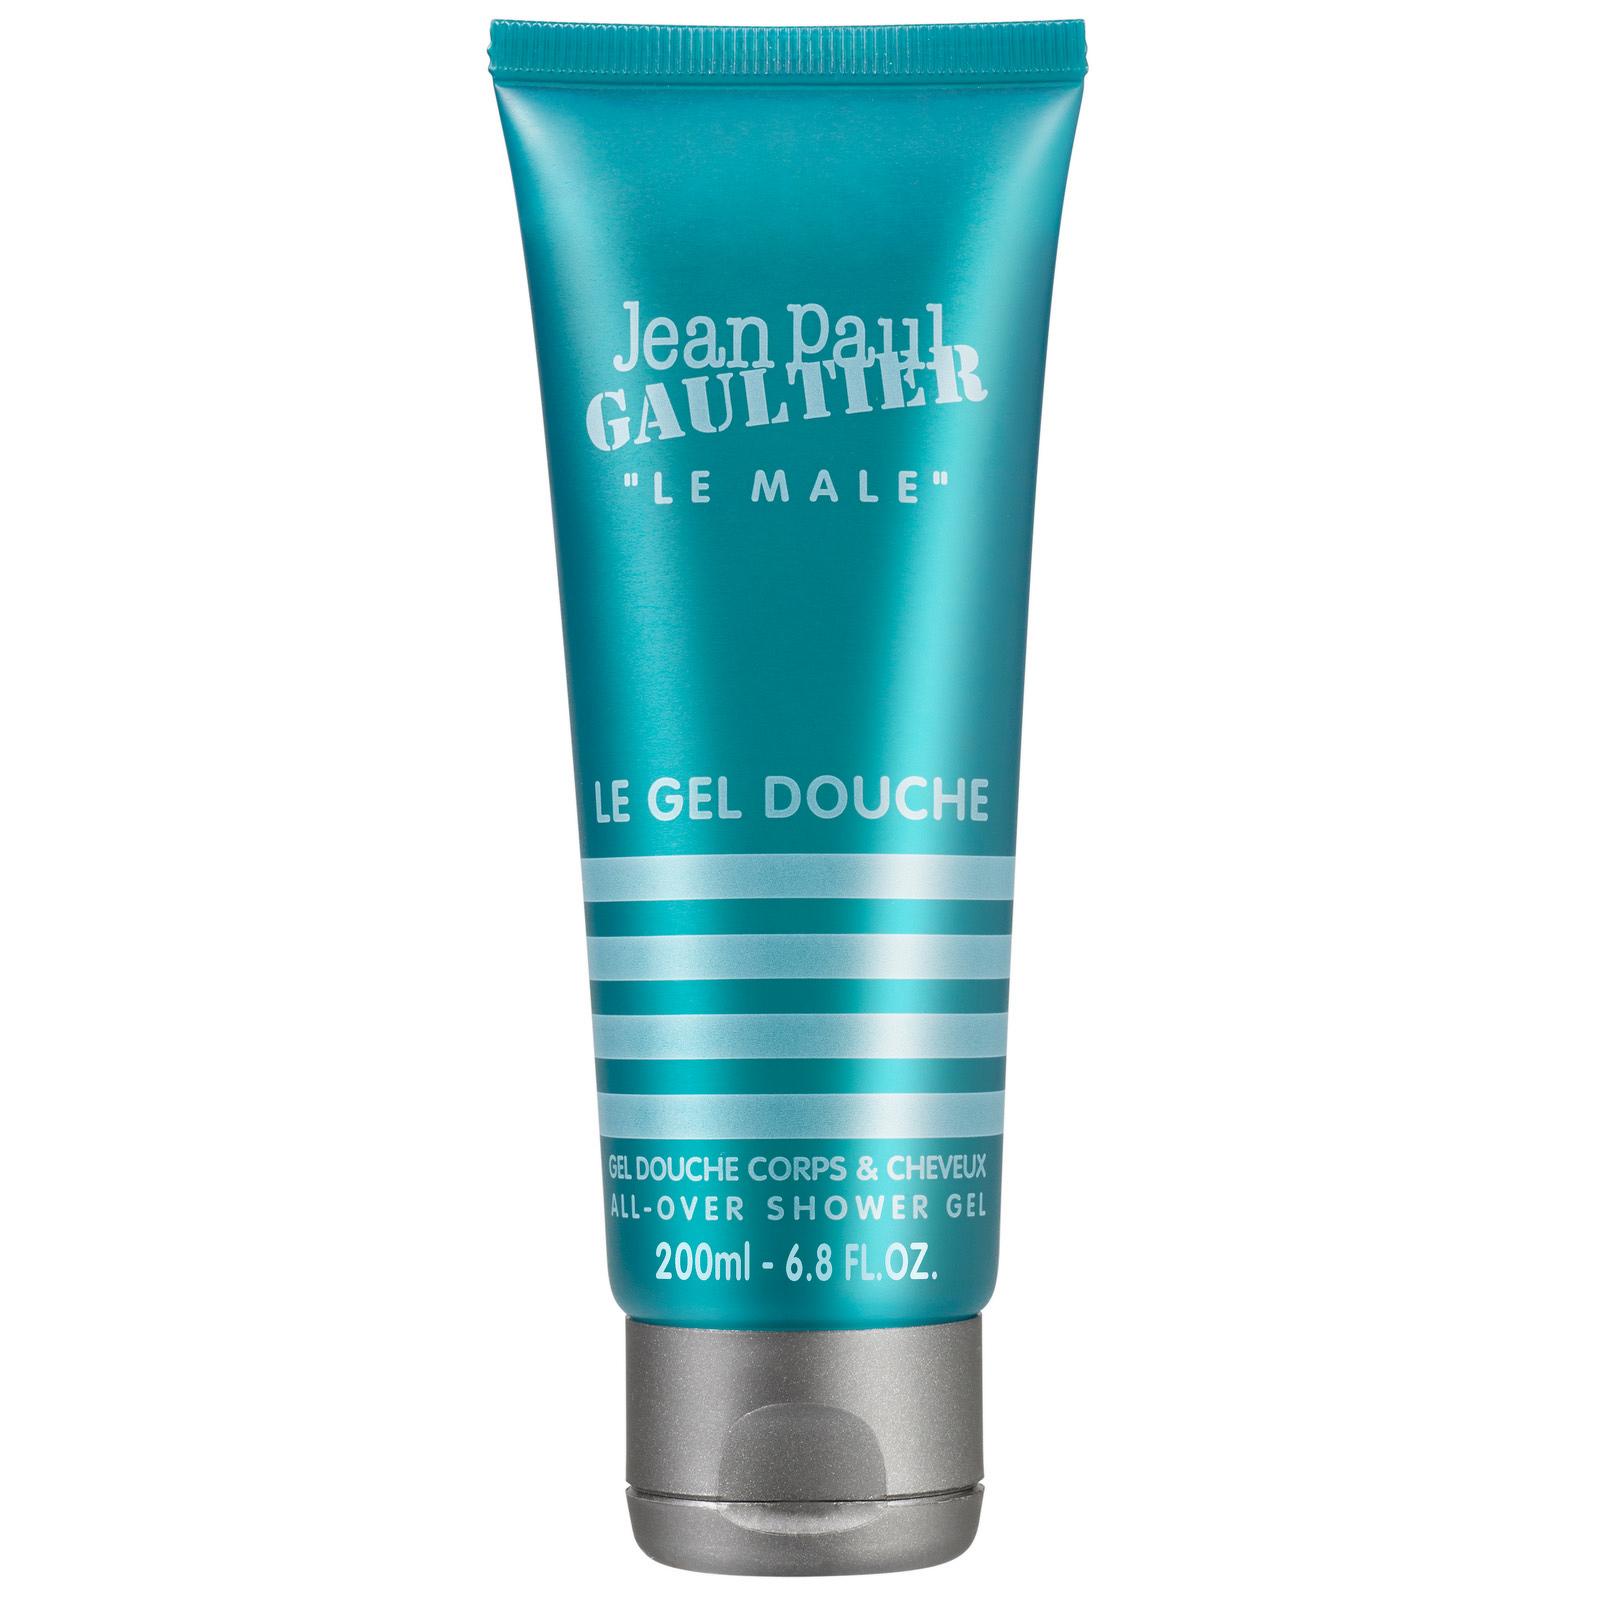 Jean Paul Gaultier Le Malle